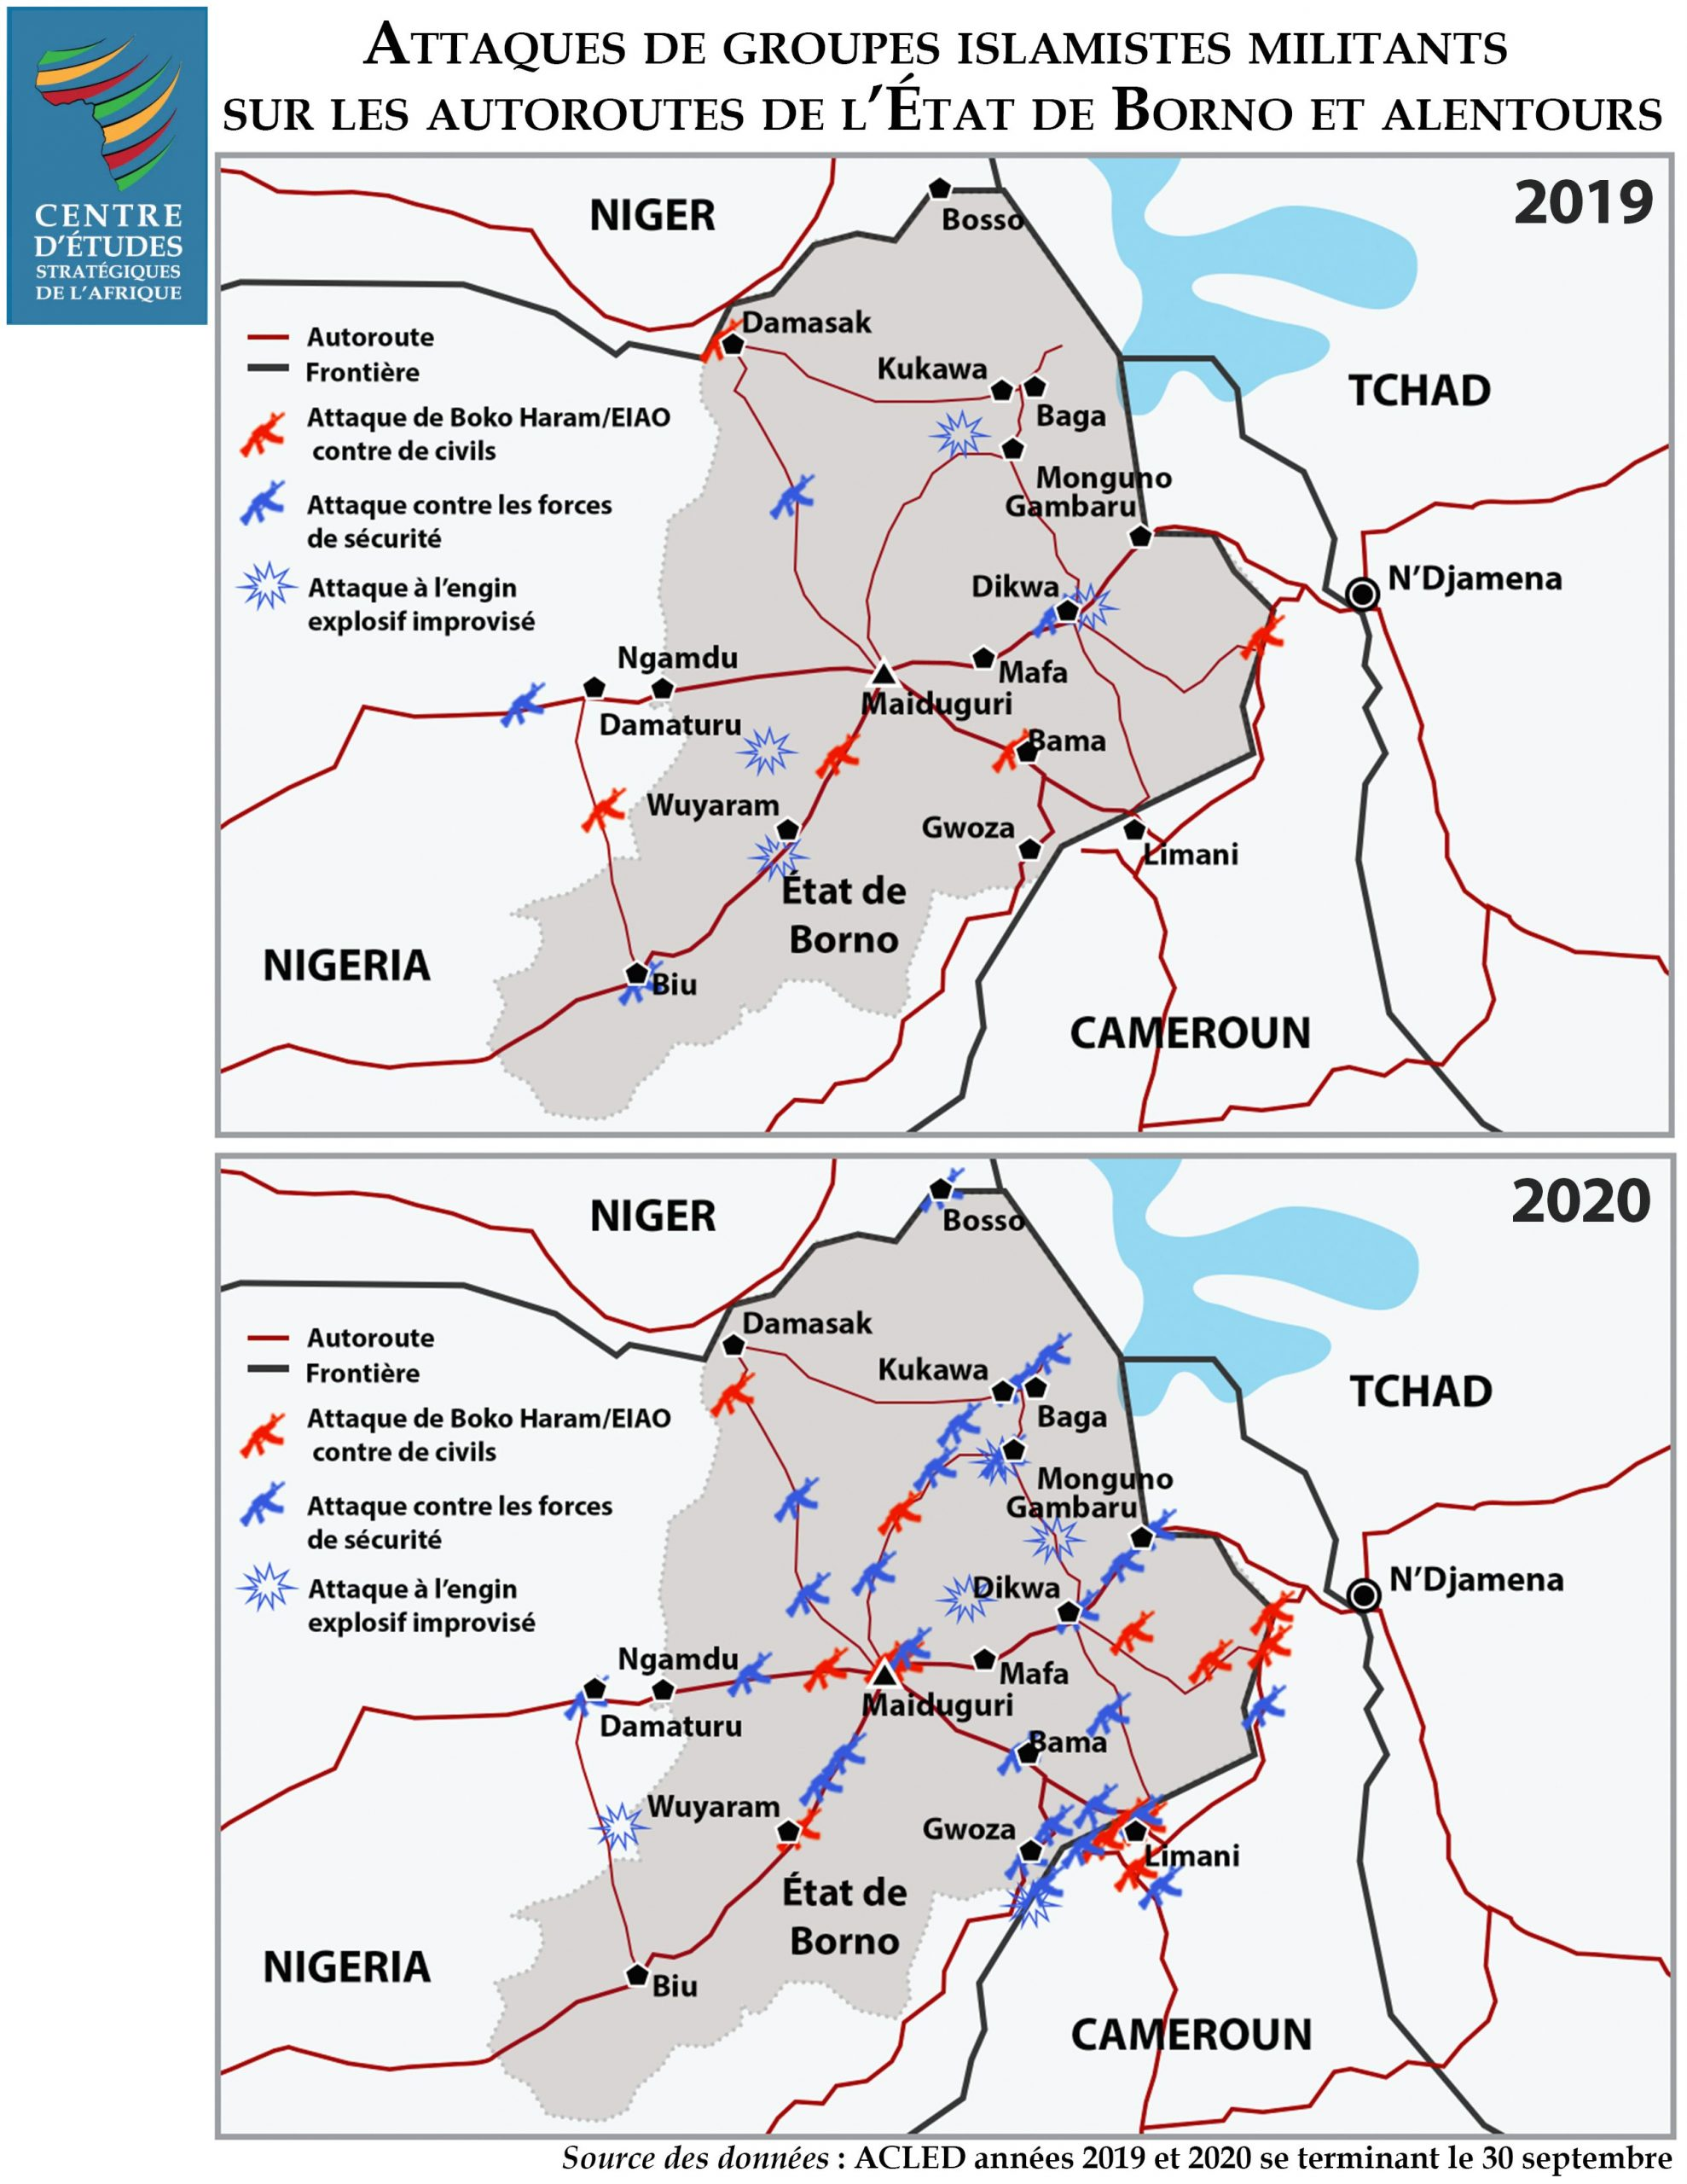 Attaques de groupes islamistes militants sur les autoroutes de l'État de Borno et alentours